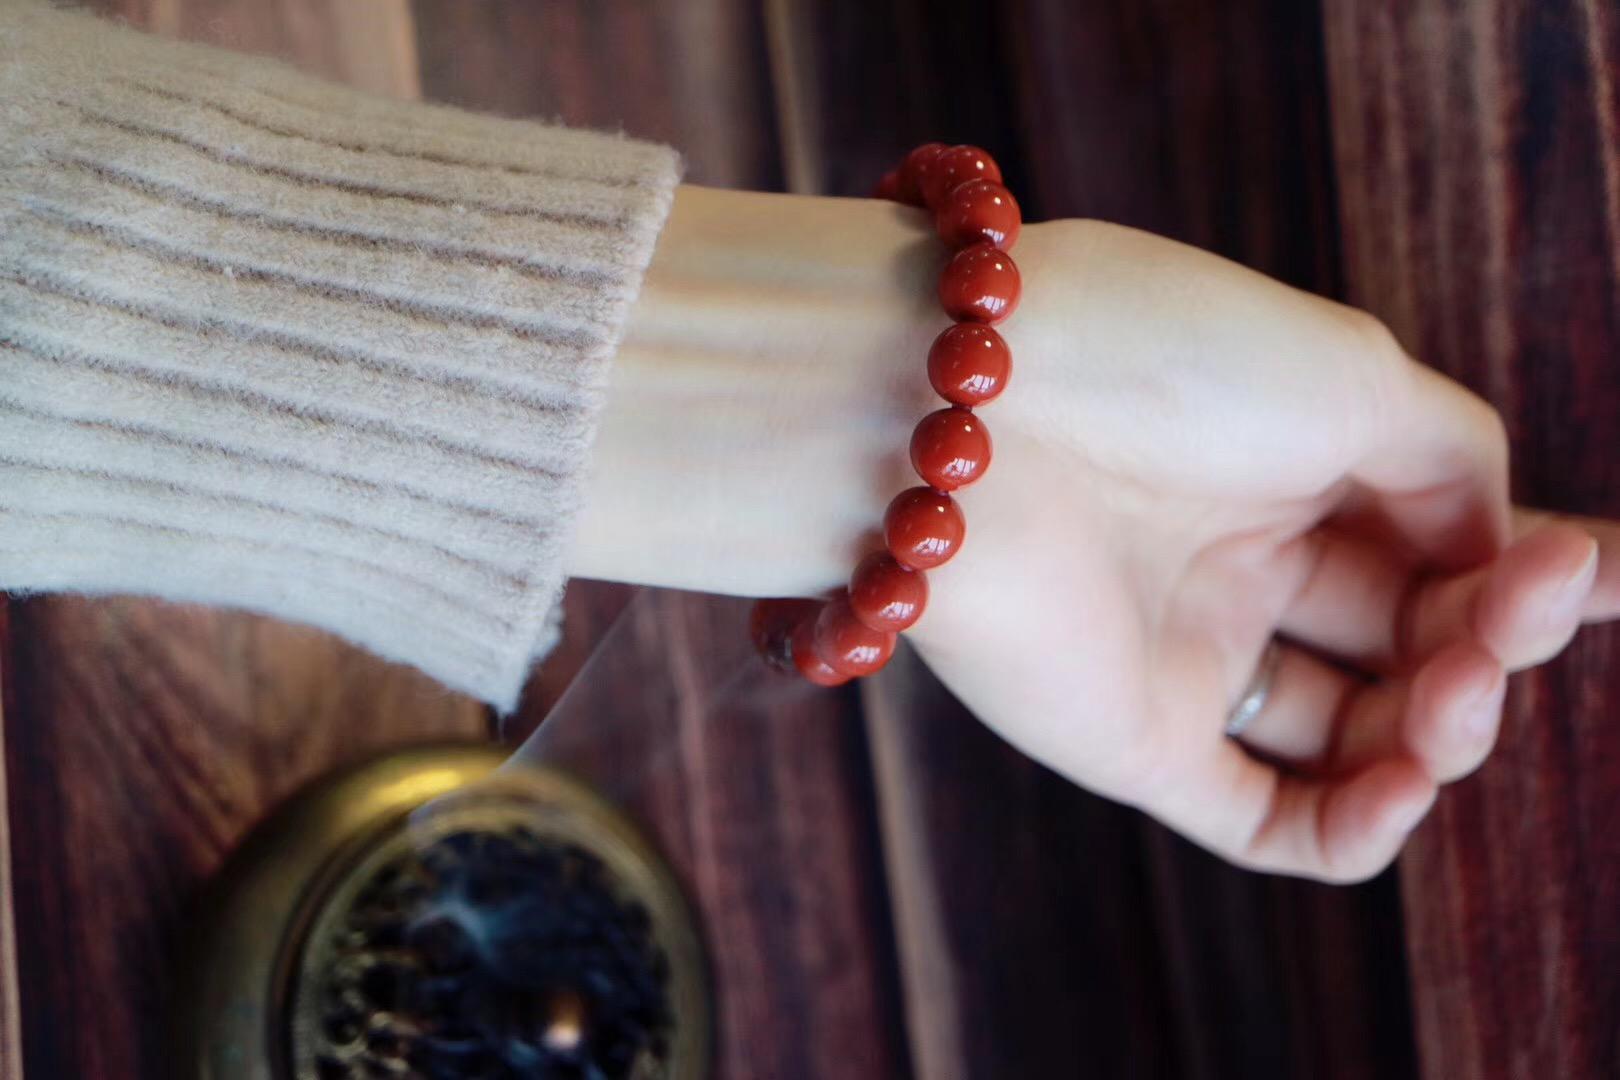 【南红玛瑙】精选南红珠串让每一天都红起来-菩心晶舍